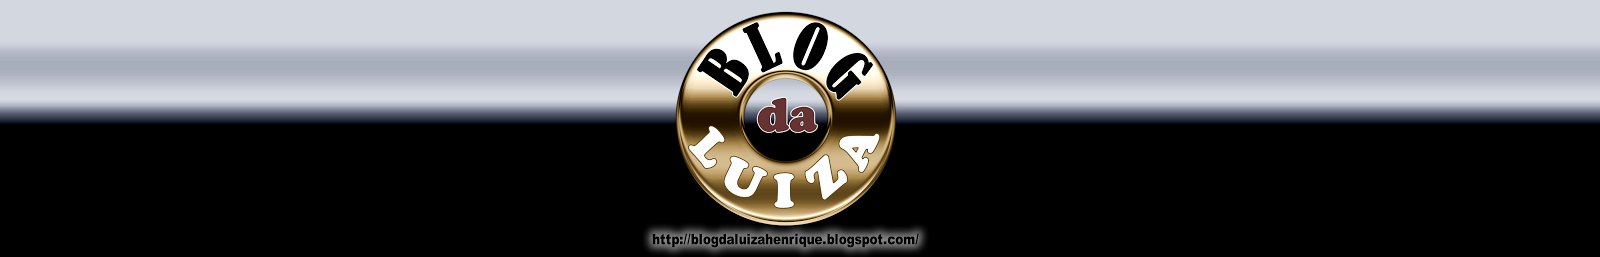 Blog da Luiza